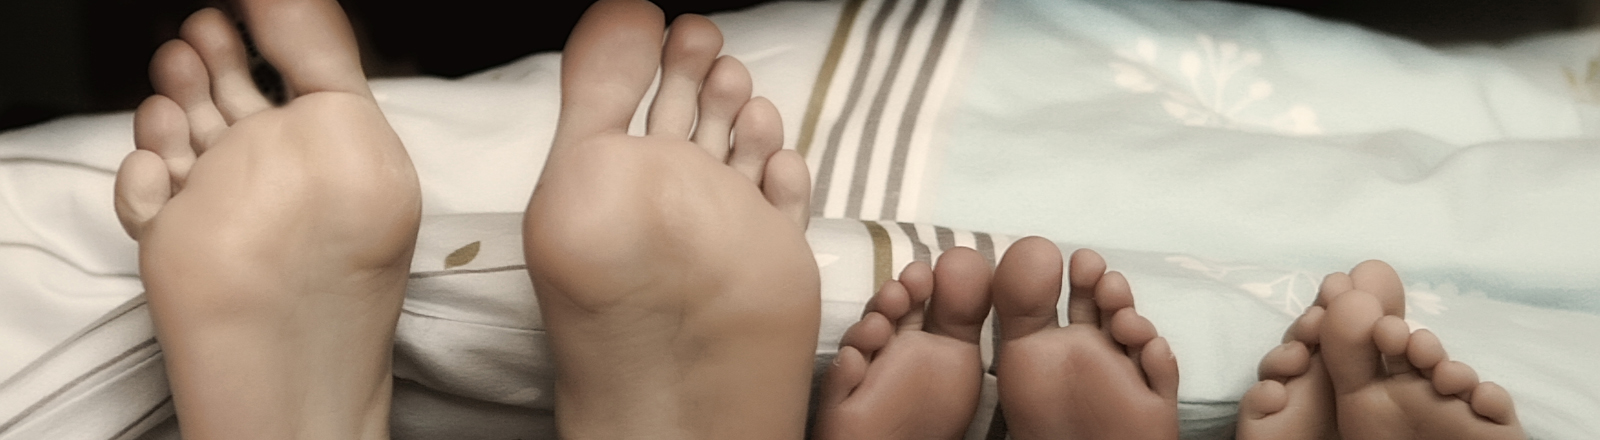 Ein Paar Erwachsene Füße und zwei Paar Kinderfüße, die unter einer Bettdecke hervorschauen